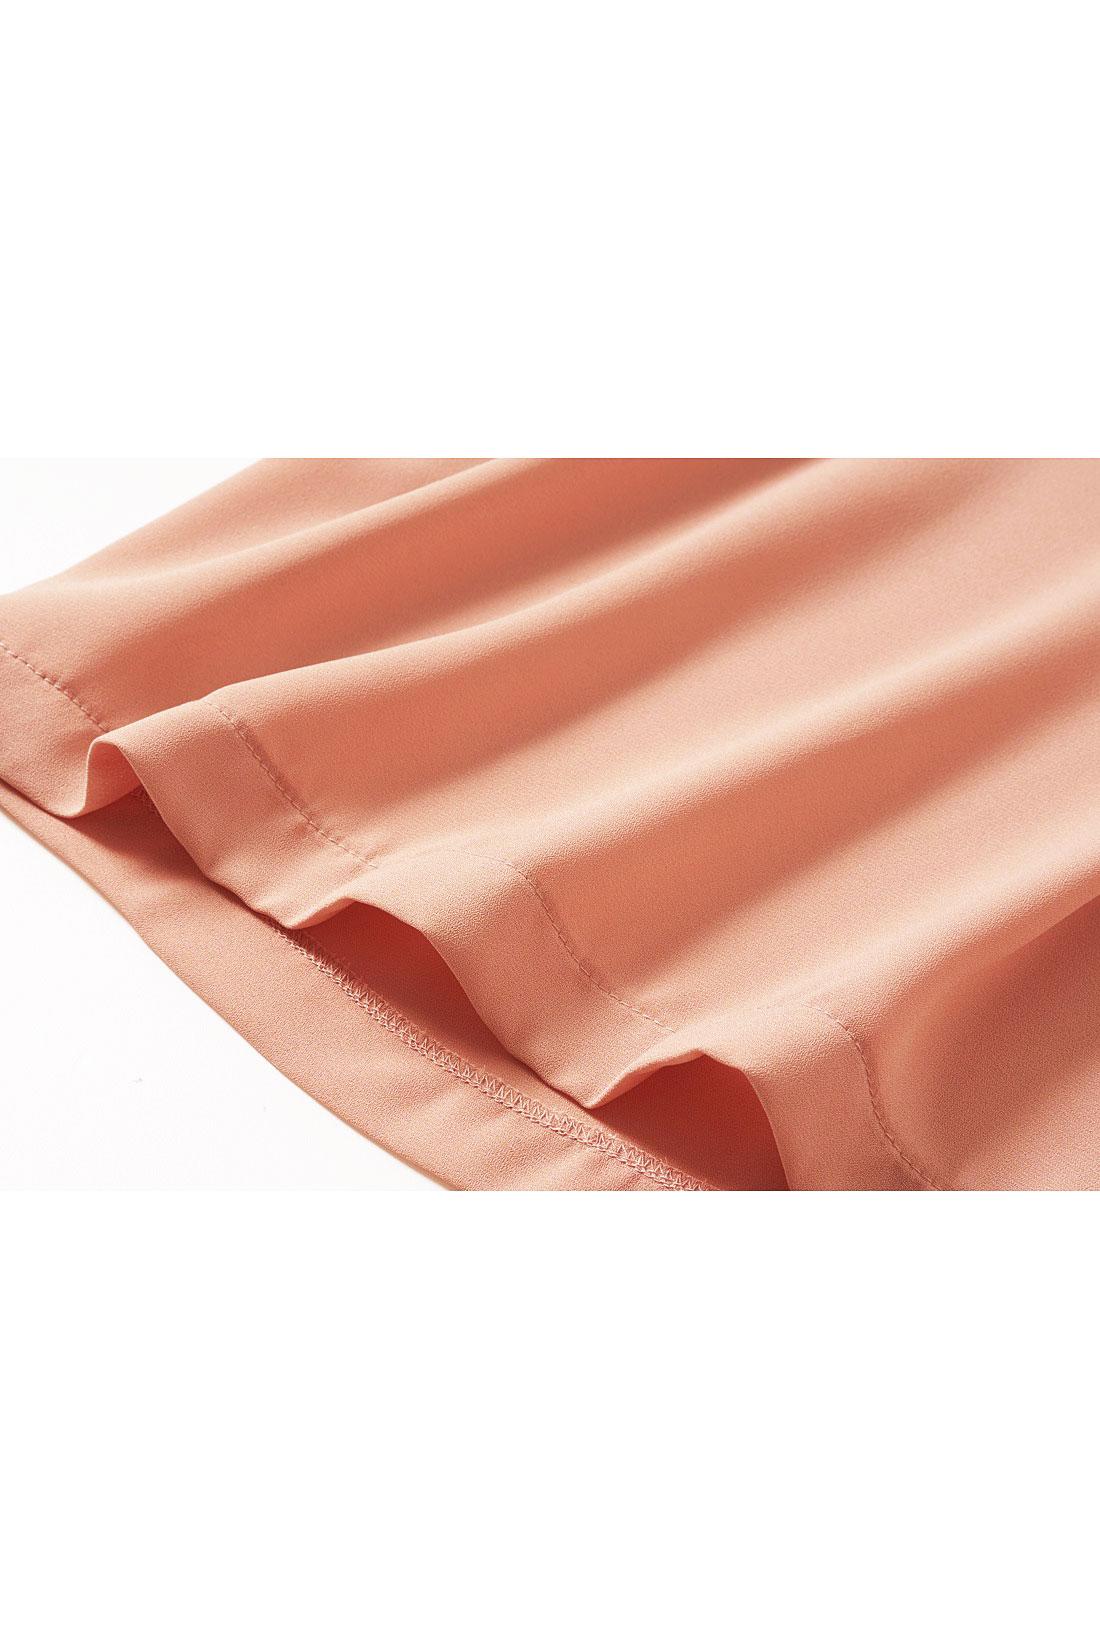 艶があり風をはらむような素材。 ※お届けするカラーとは異なります。